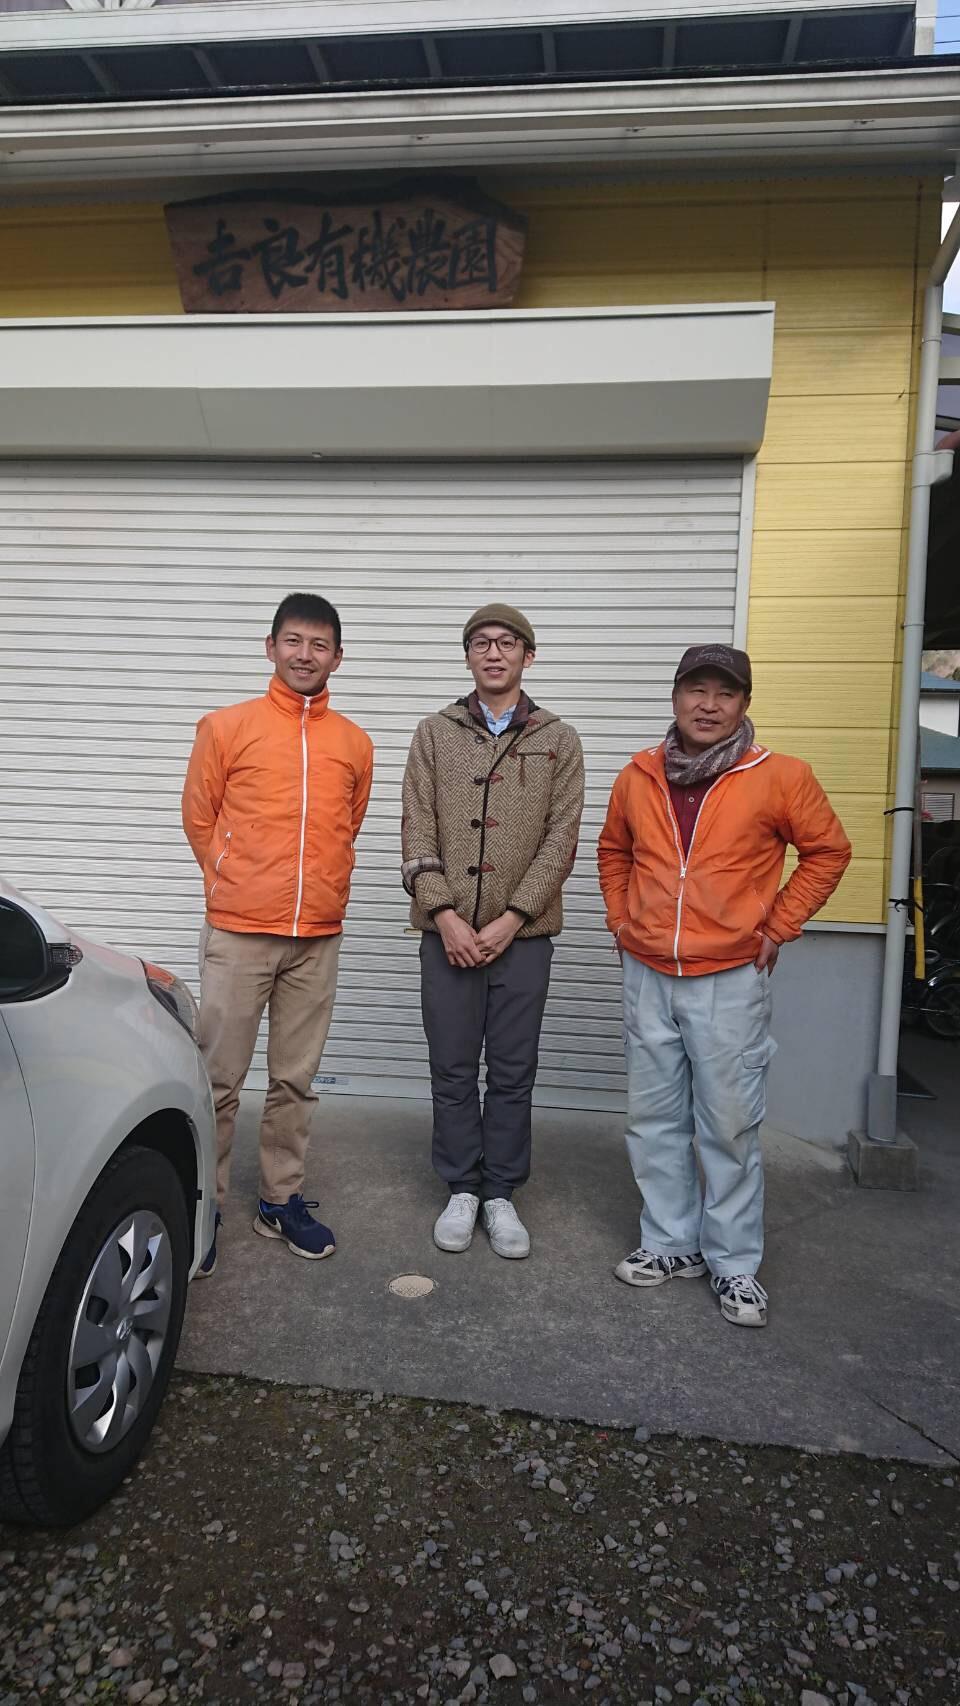 http://www.karyo-kyoto.jp/gion/info/images/IMG_5018.jpg